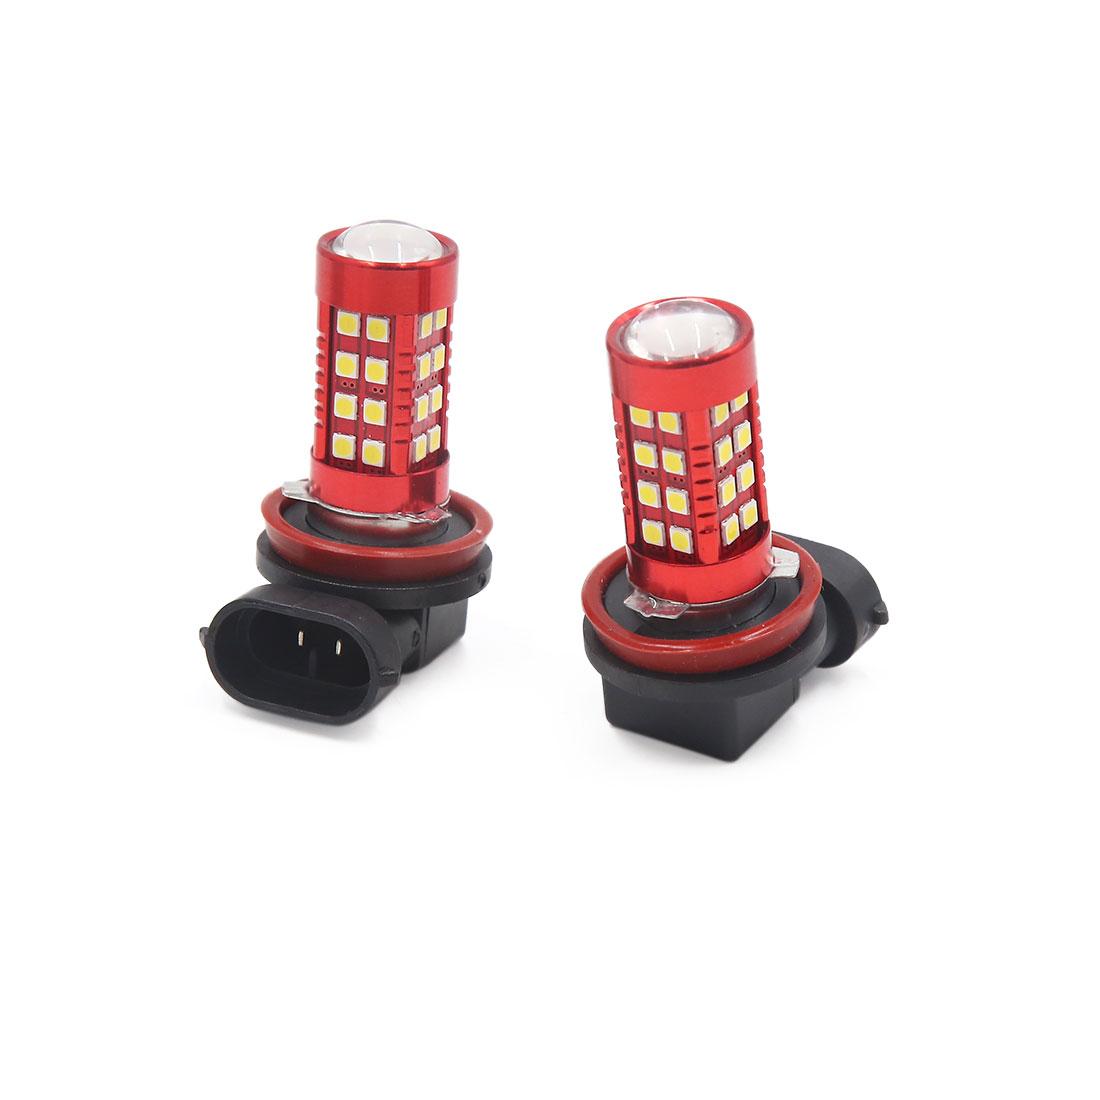 2pcs H11 3030 SMD 36 White LED Fog Light Headlight Driving Lamp Bulb for Car